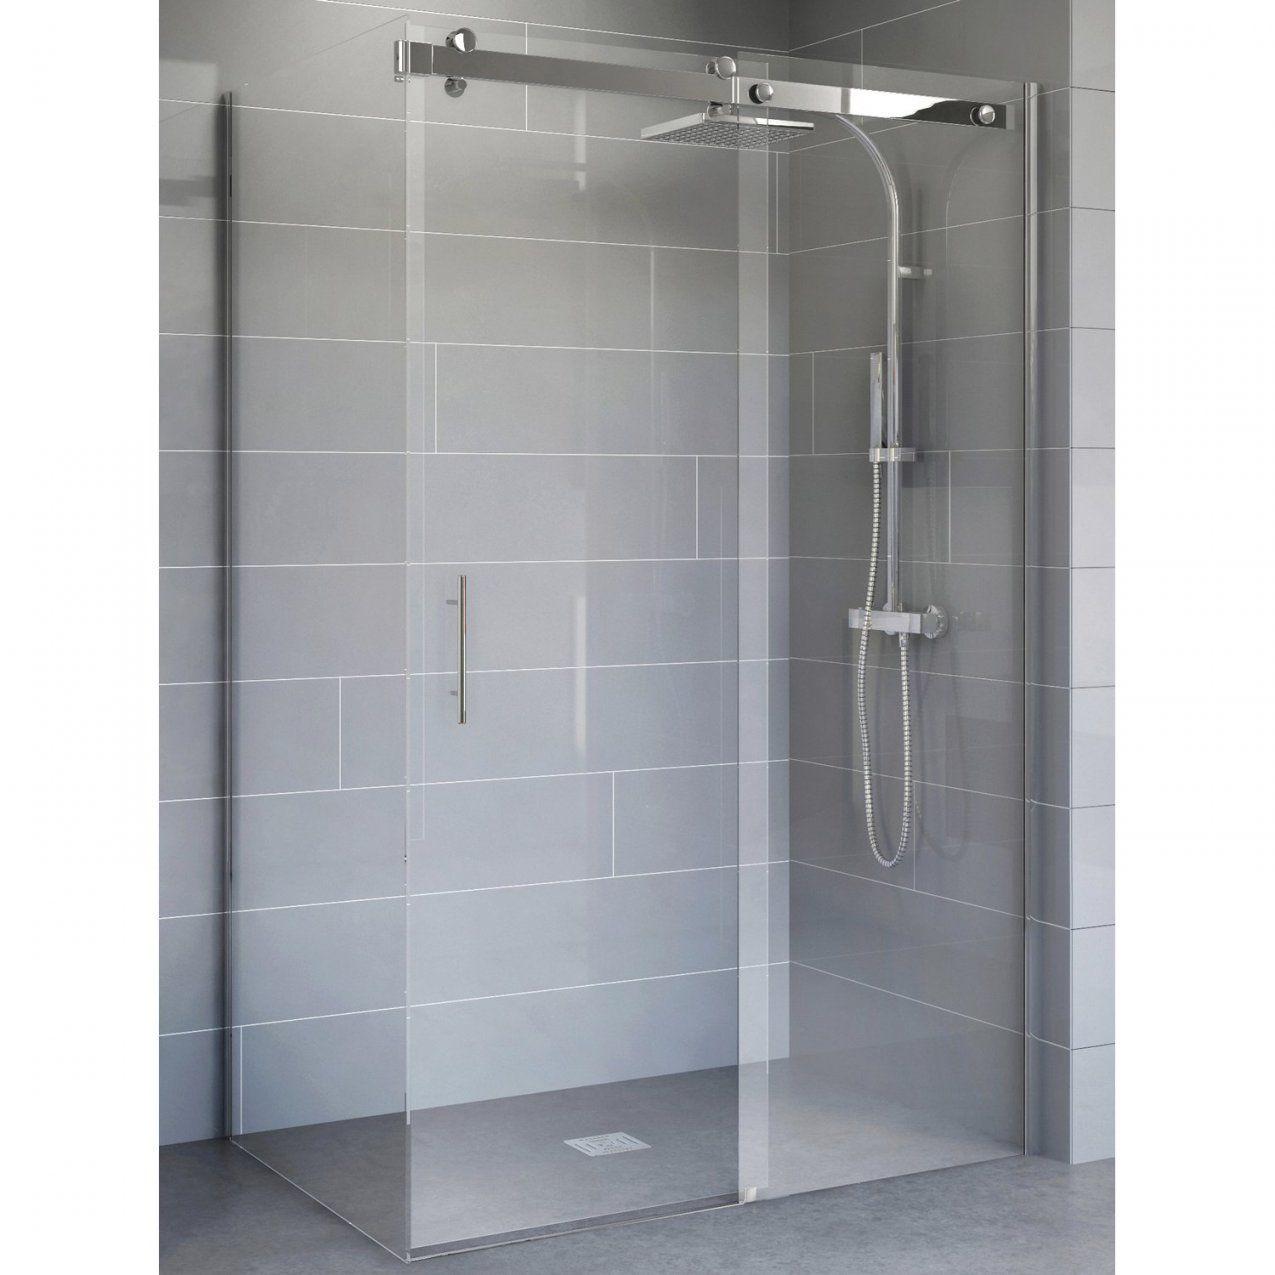 Türen & Seitenwände Online Kaufen Bei Obi von Duschwand Für Badewanne Obi Bild